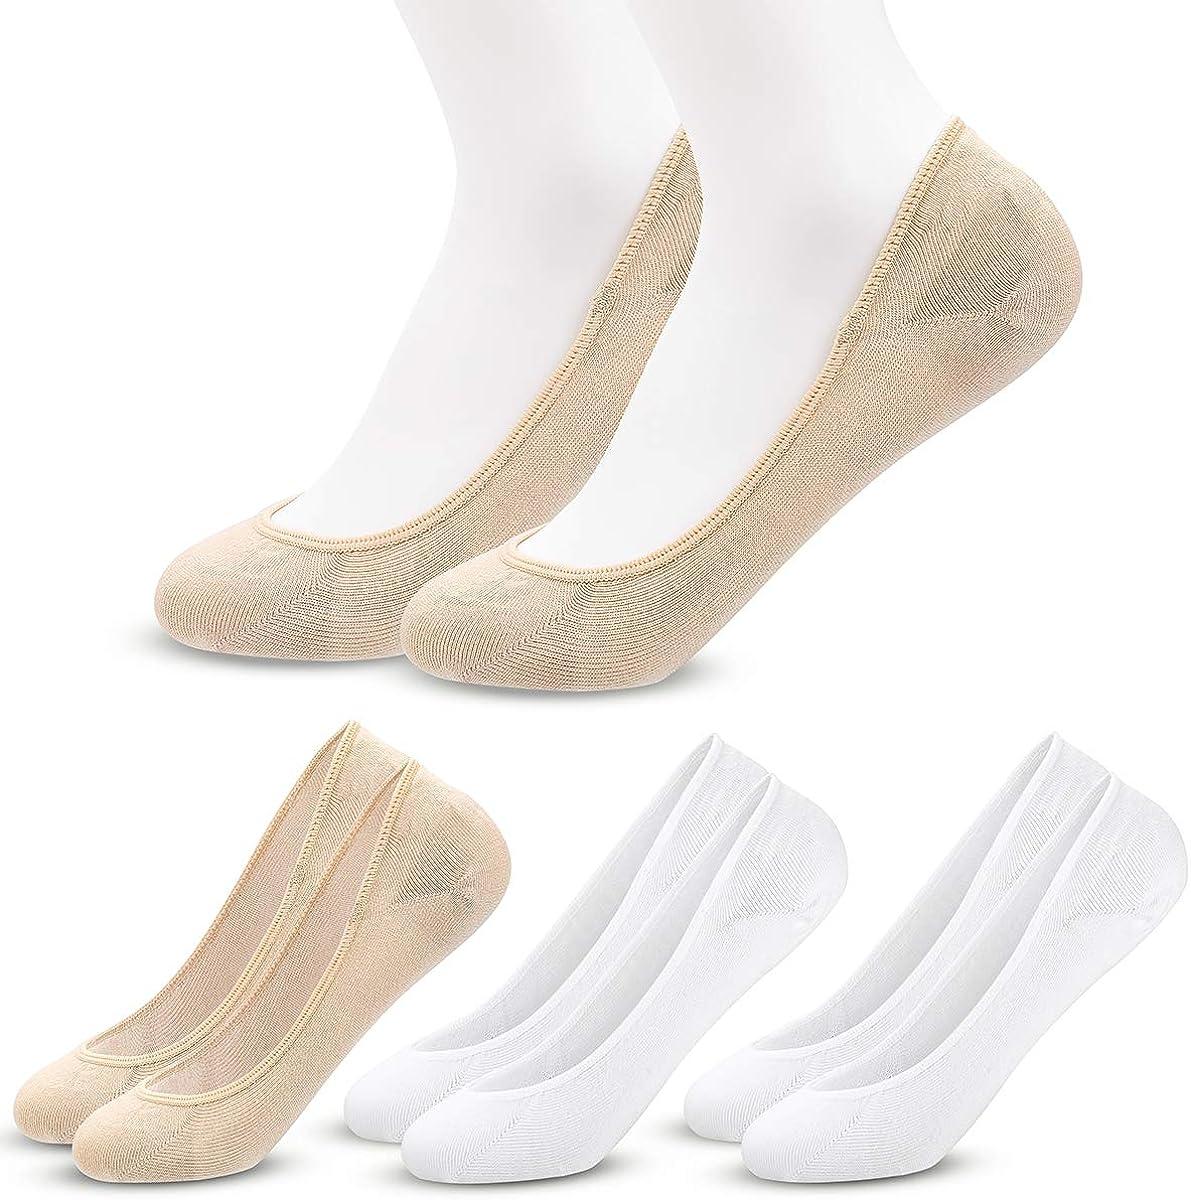 MELLIEX 4 Paia Calzini Fantasmini Donna Invisibili Antiscivolo Traspirante Cotone Calze Corte